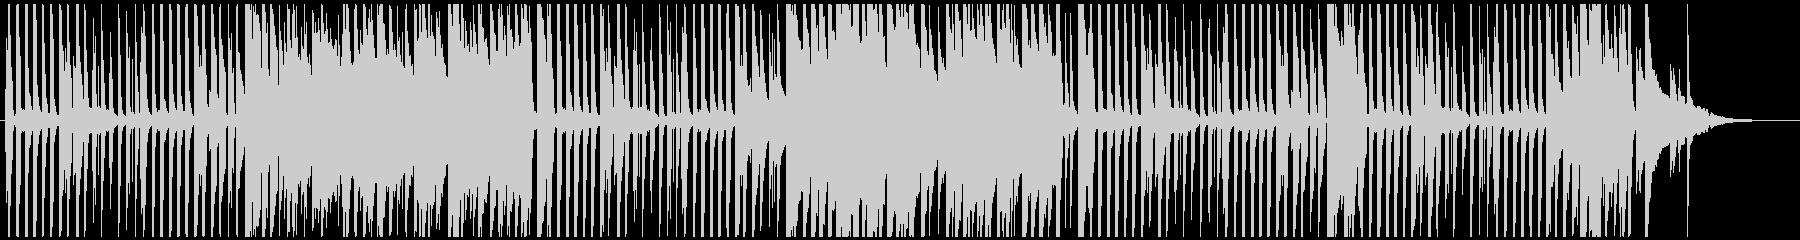 ほのぼのした雰囲気のピアノのポップスの未再生の波形